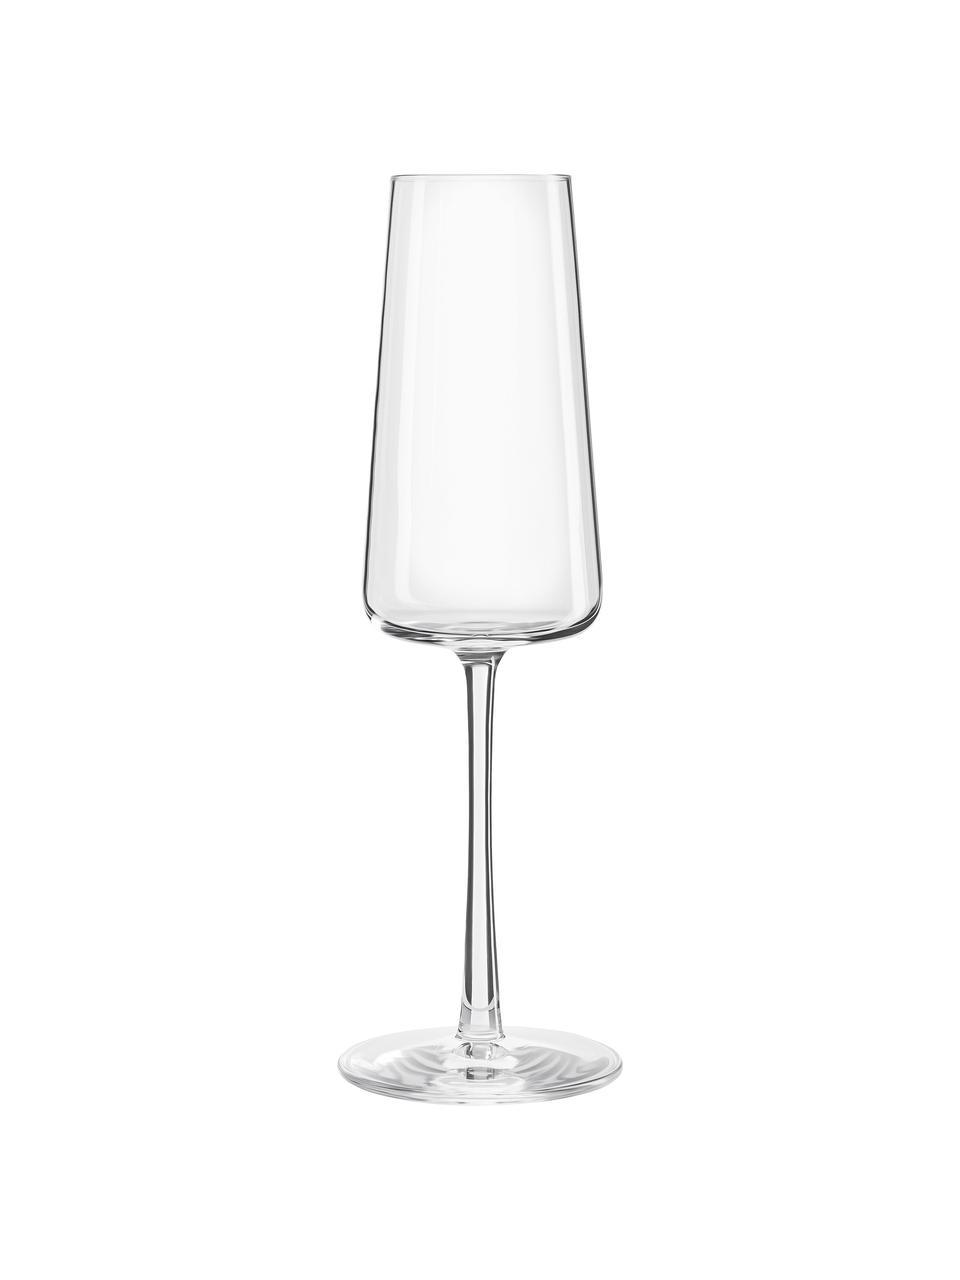 Křišťálová sklenice na sekt Power, 6 ks, Transparentní